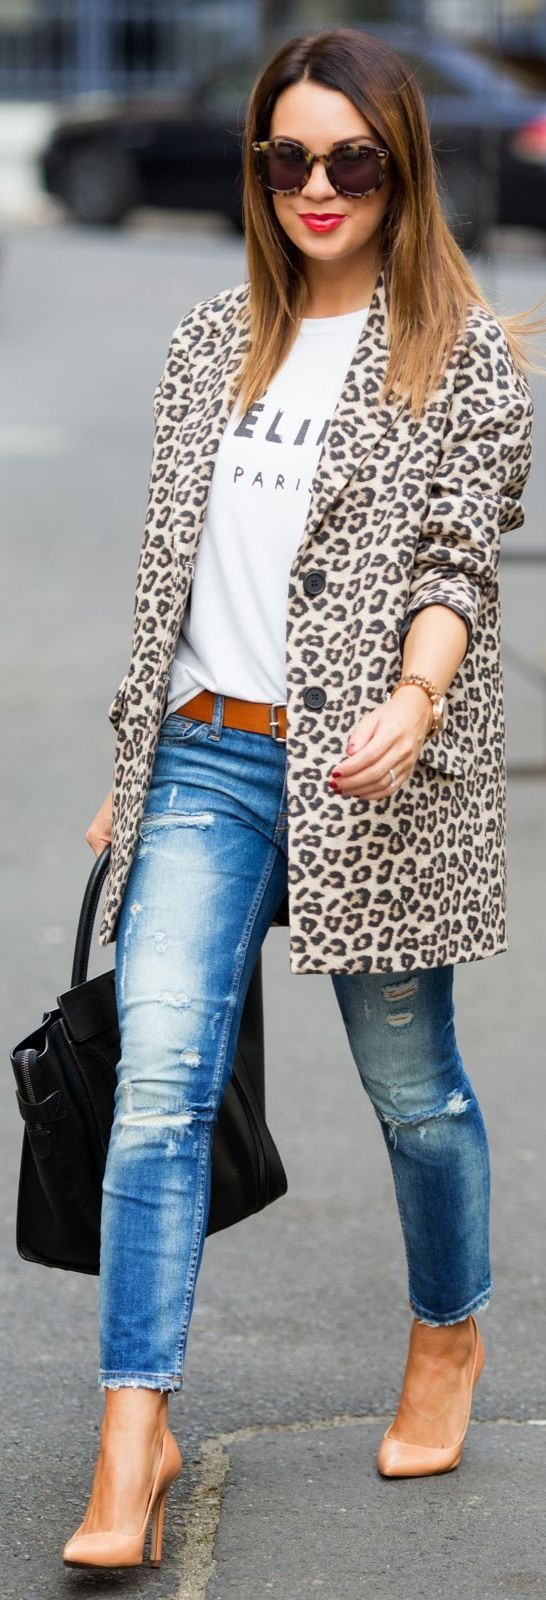 Еще один потрясающий лук с красивым леопардовым пальто – модель весны 2016